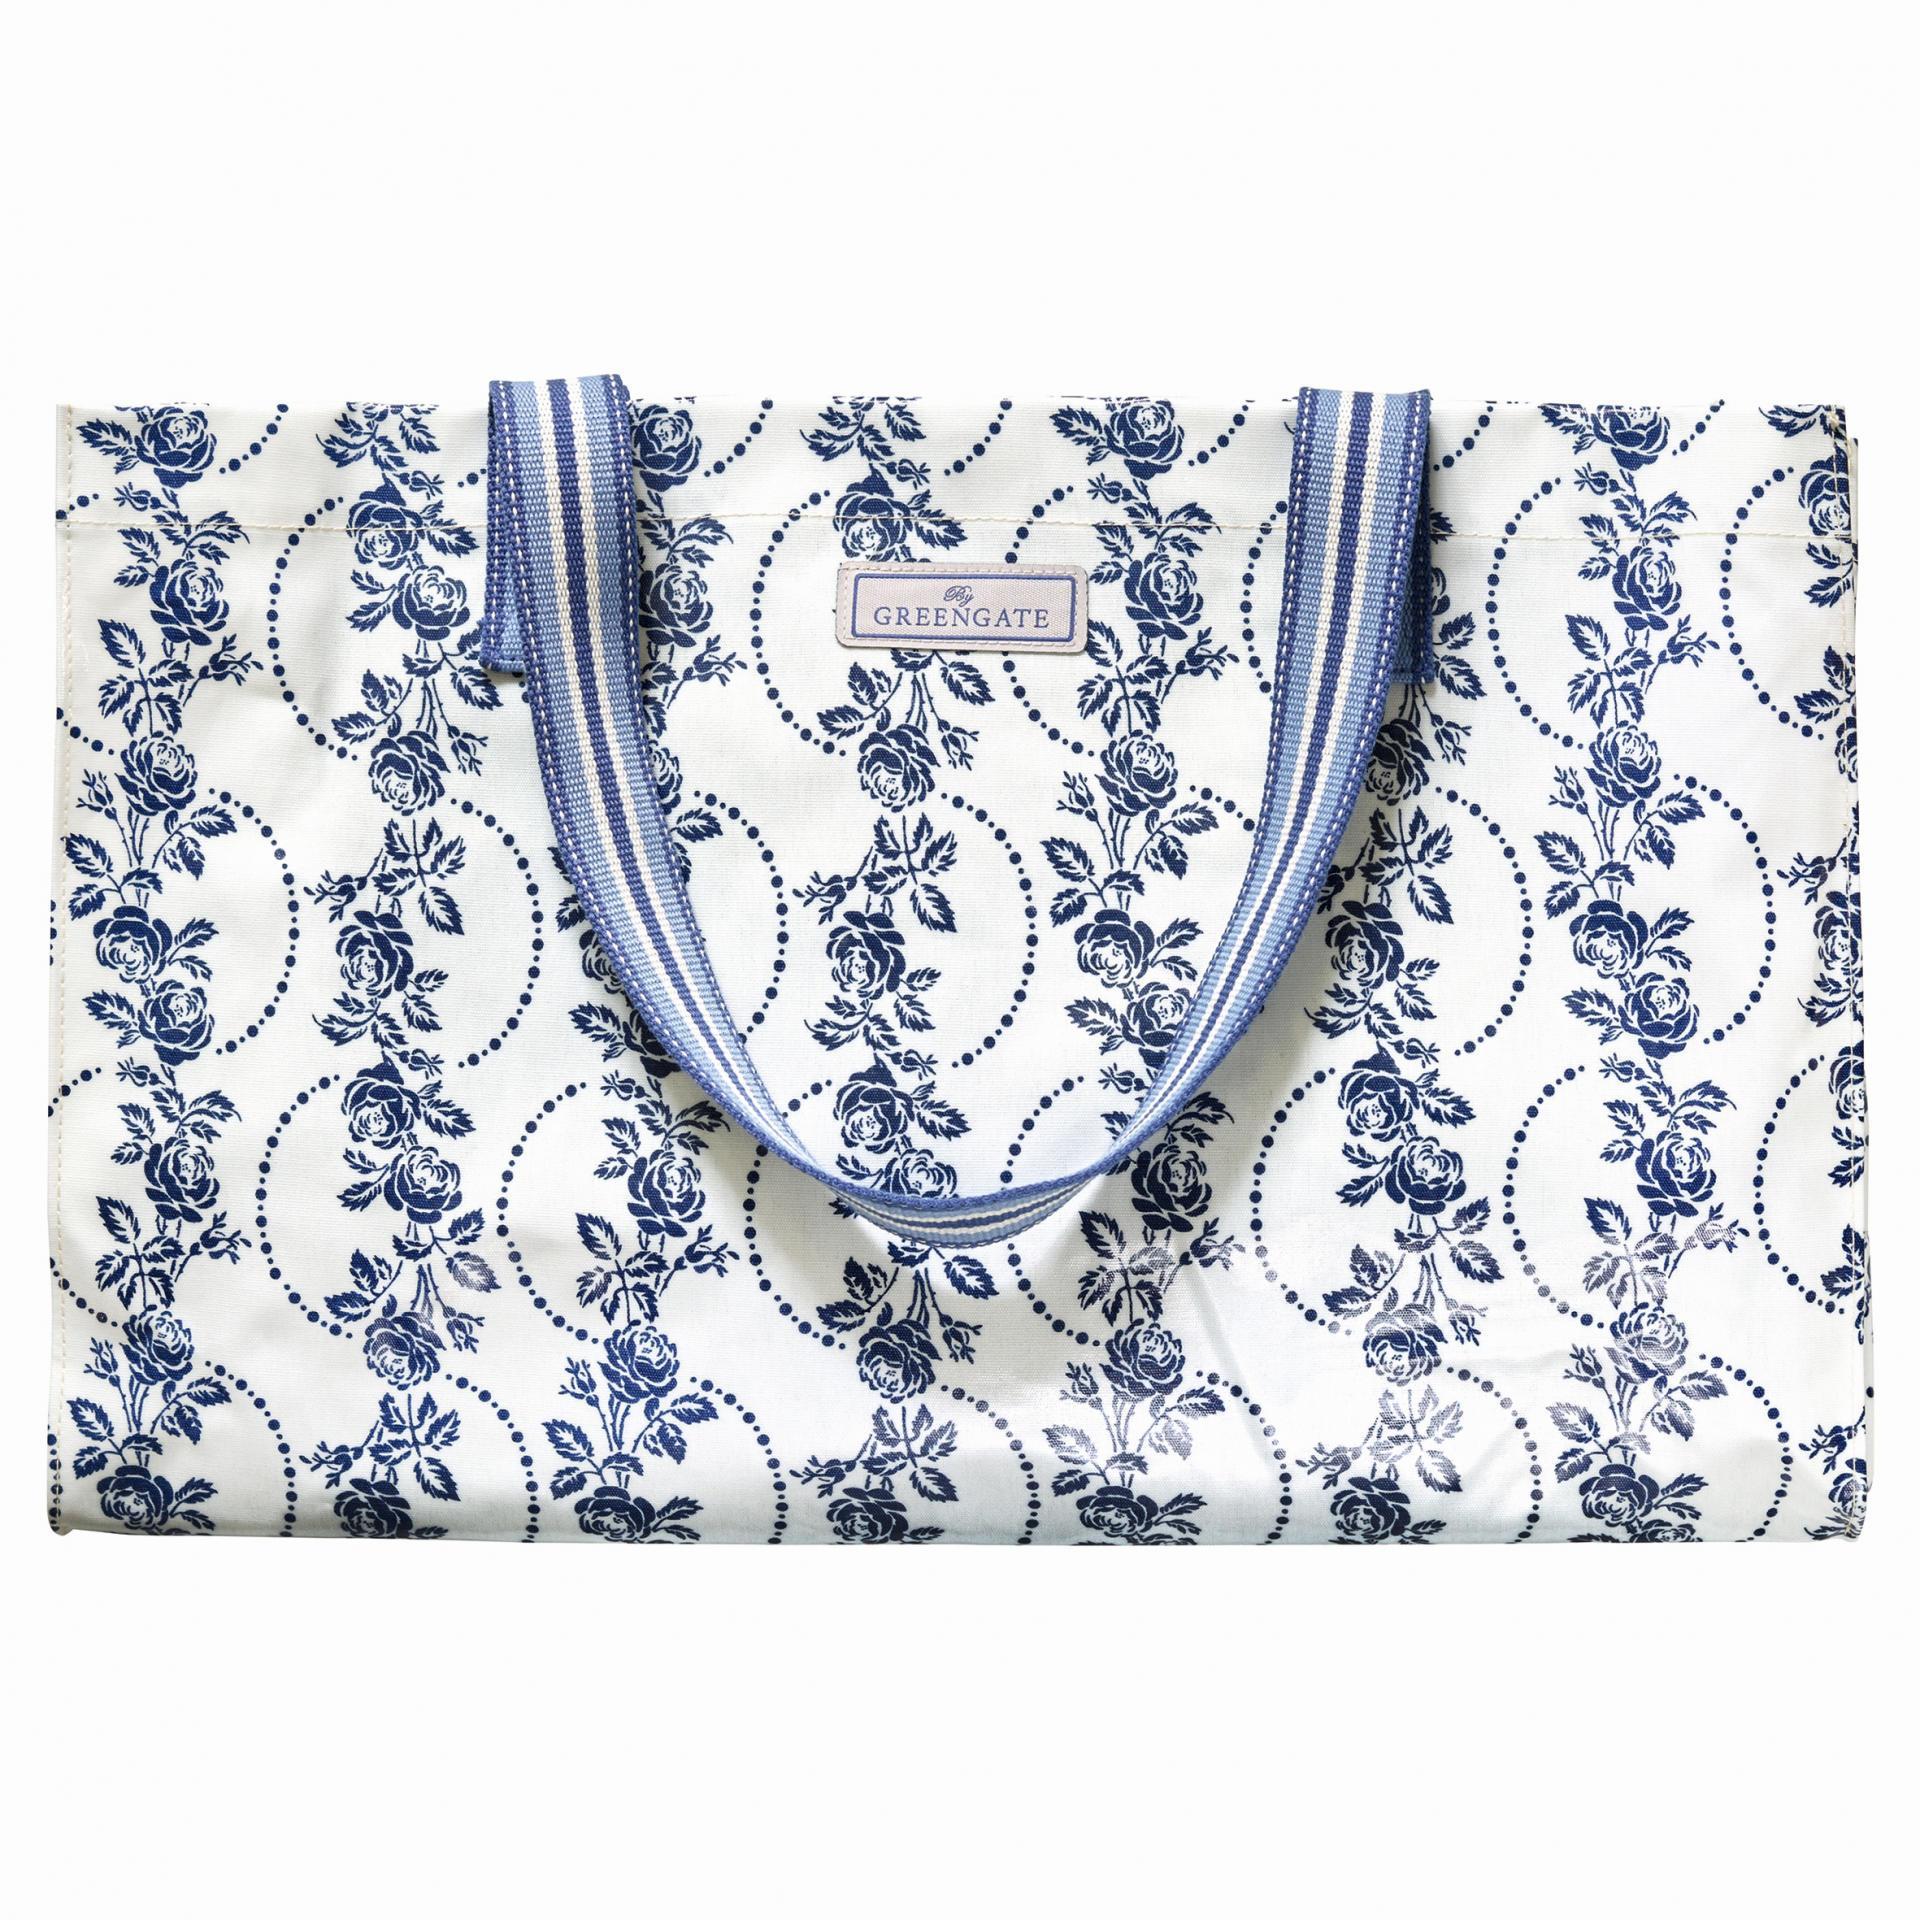 GREEN GATE Taška Fleur Blue, modrá barva, bílá barva, plast, textil